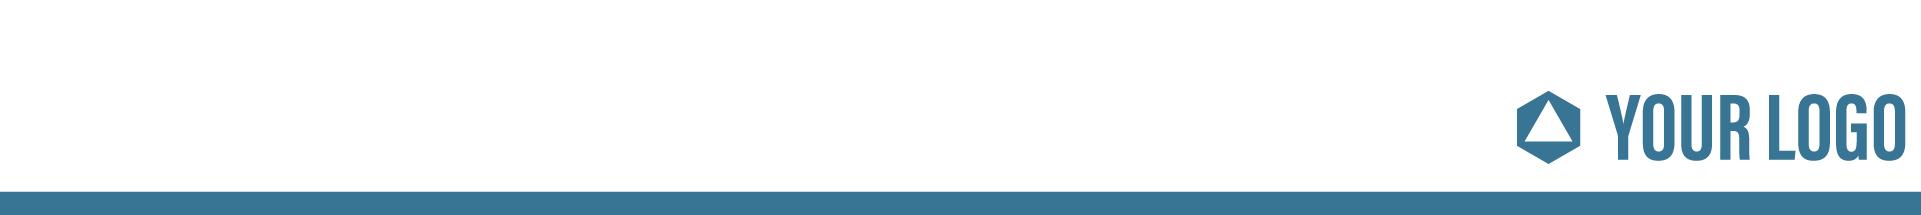 header with Company logo